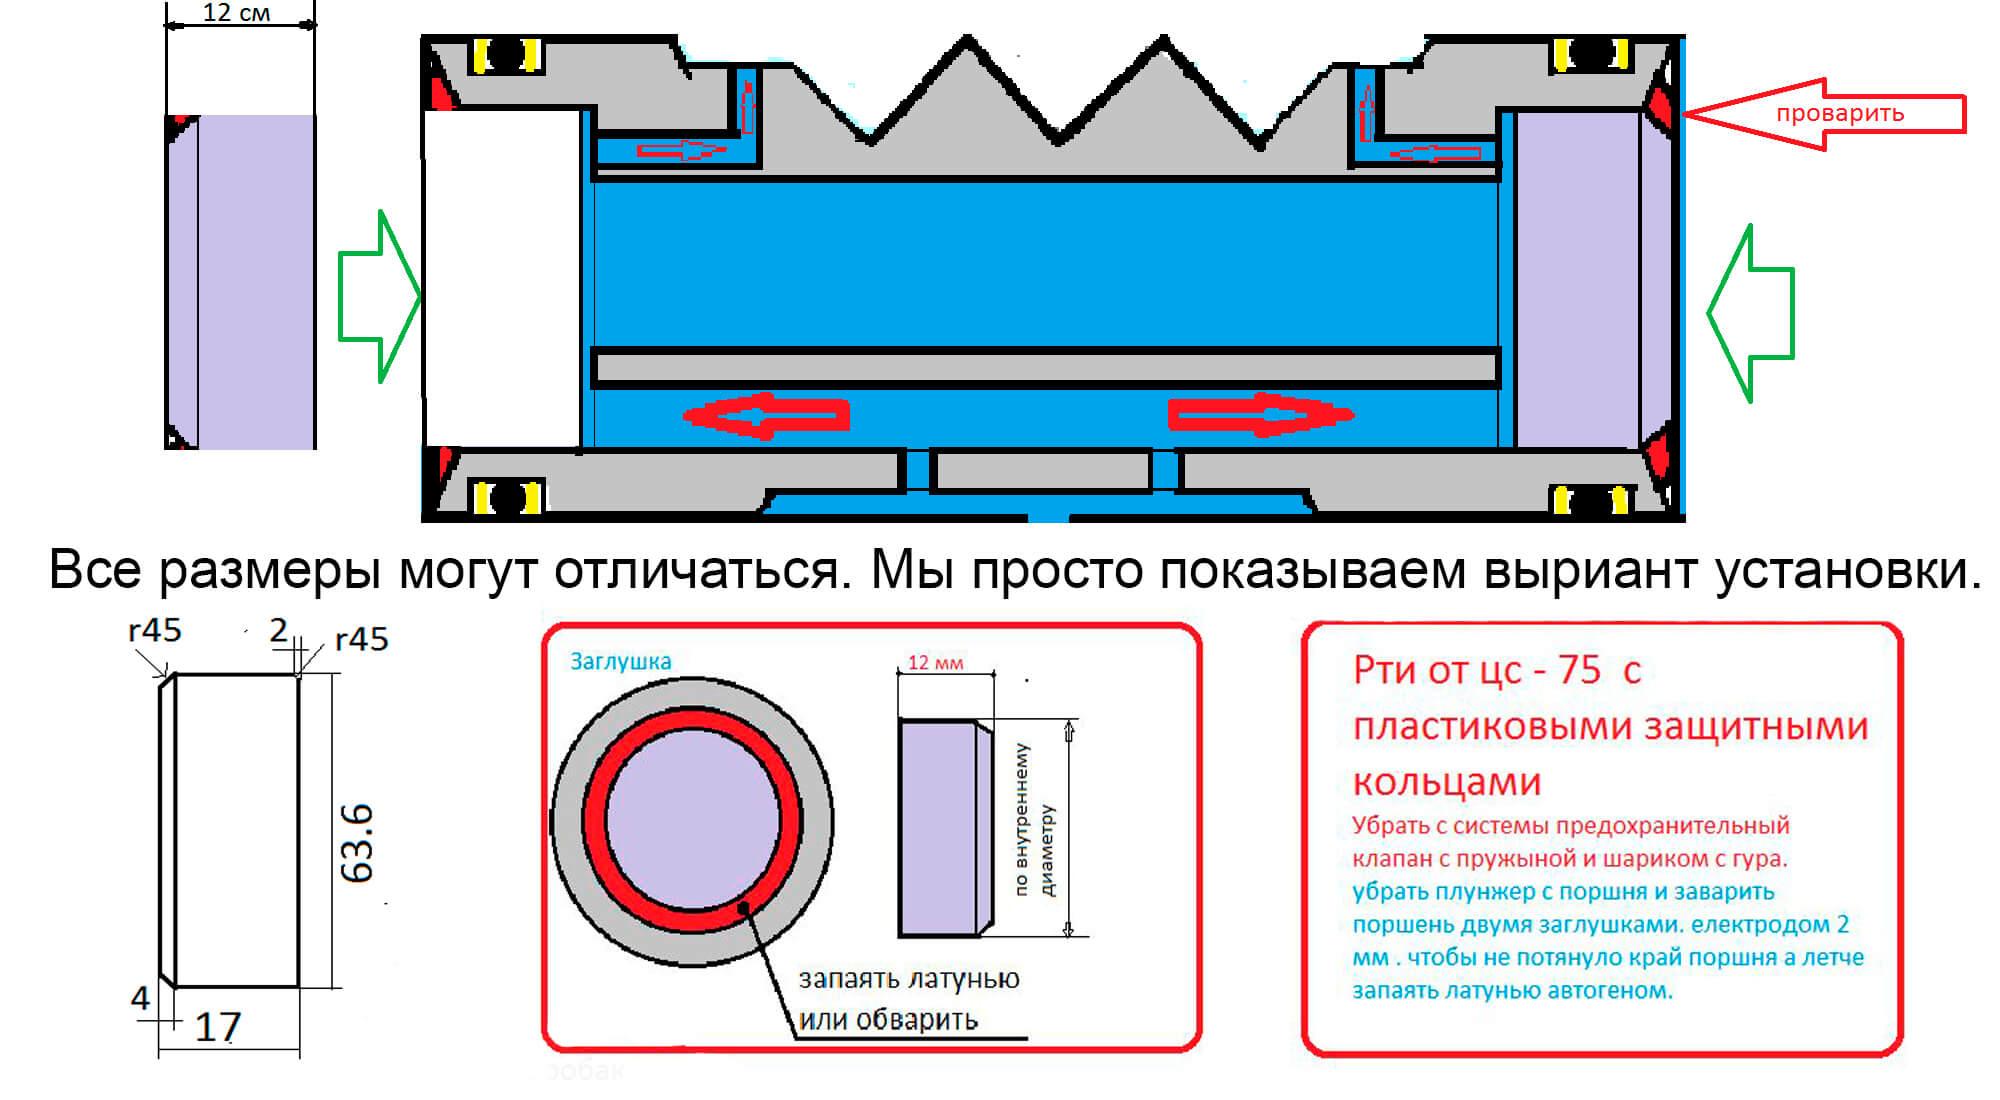 ремонт рулевого управления Mitsubishi Pajero, ремонт.